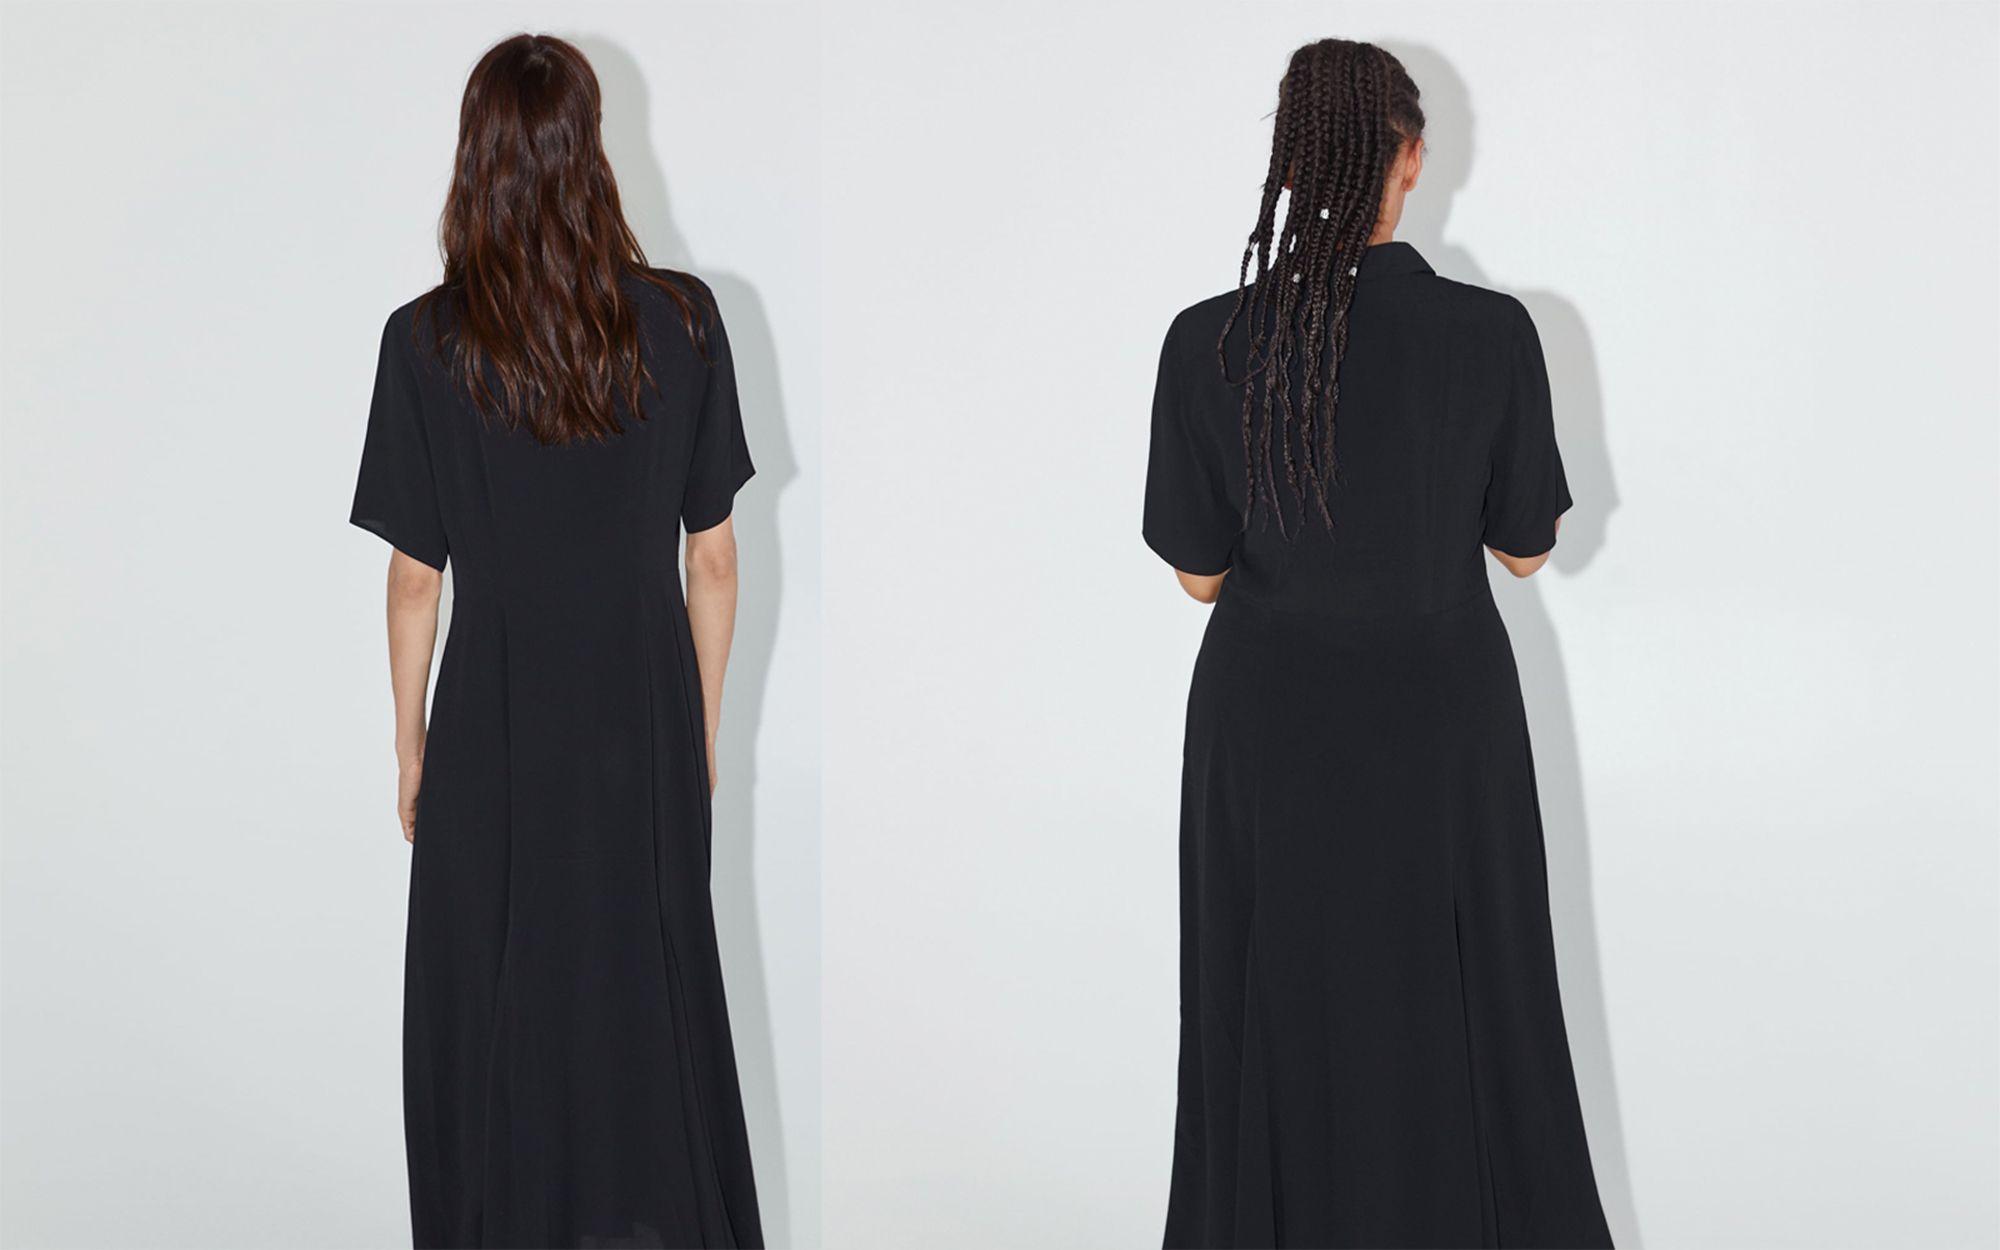 Con Grande Otra Zara Talla Tiene Modelo En Curvas 0OZ8NnPXwk